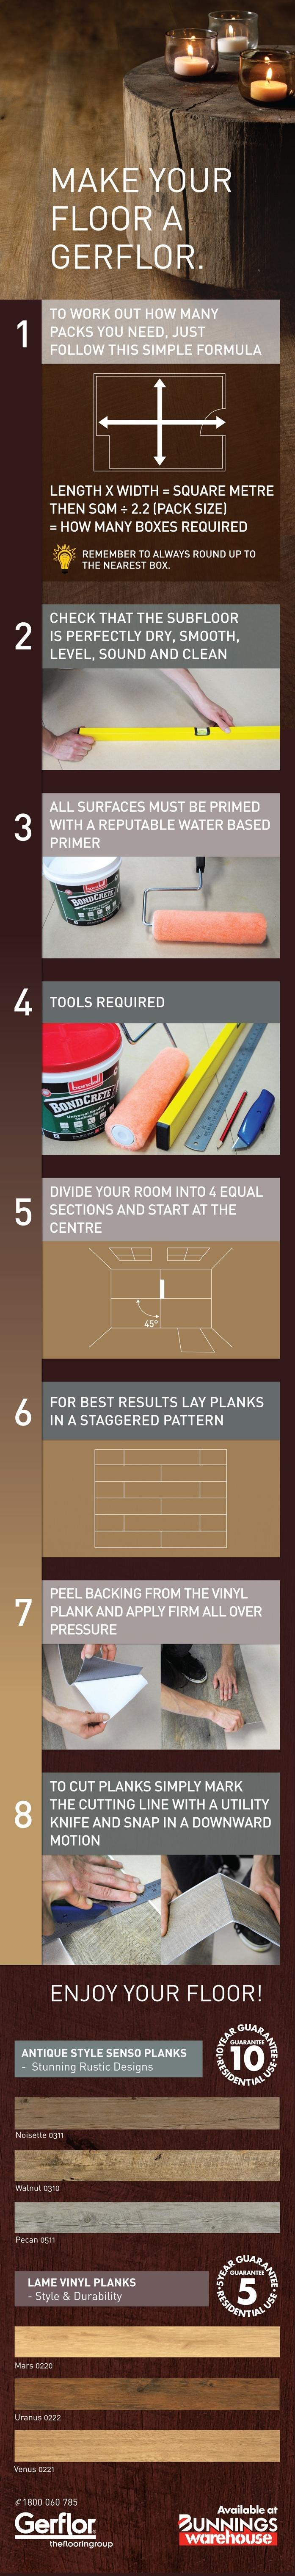 40c719b5a0a0371832afb69379c54efb--vinyl-planks-floor-covering Frais De Leroy Merlin Anglet Concept